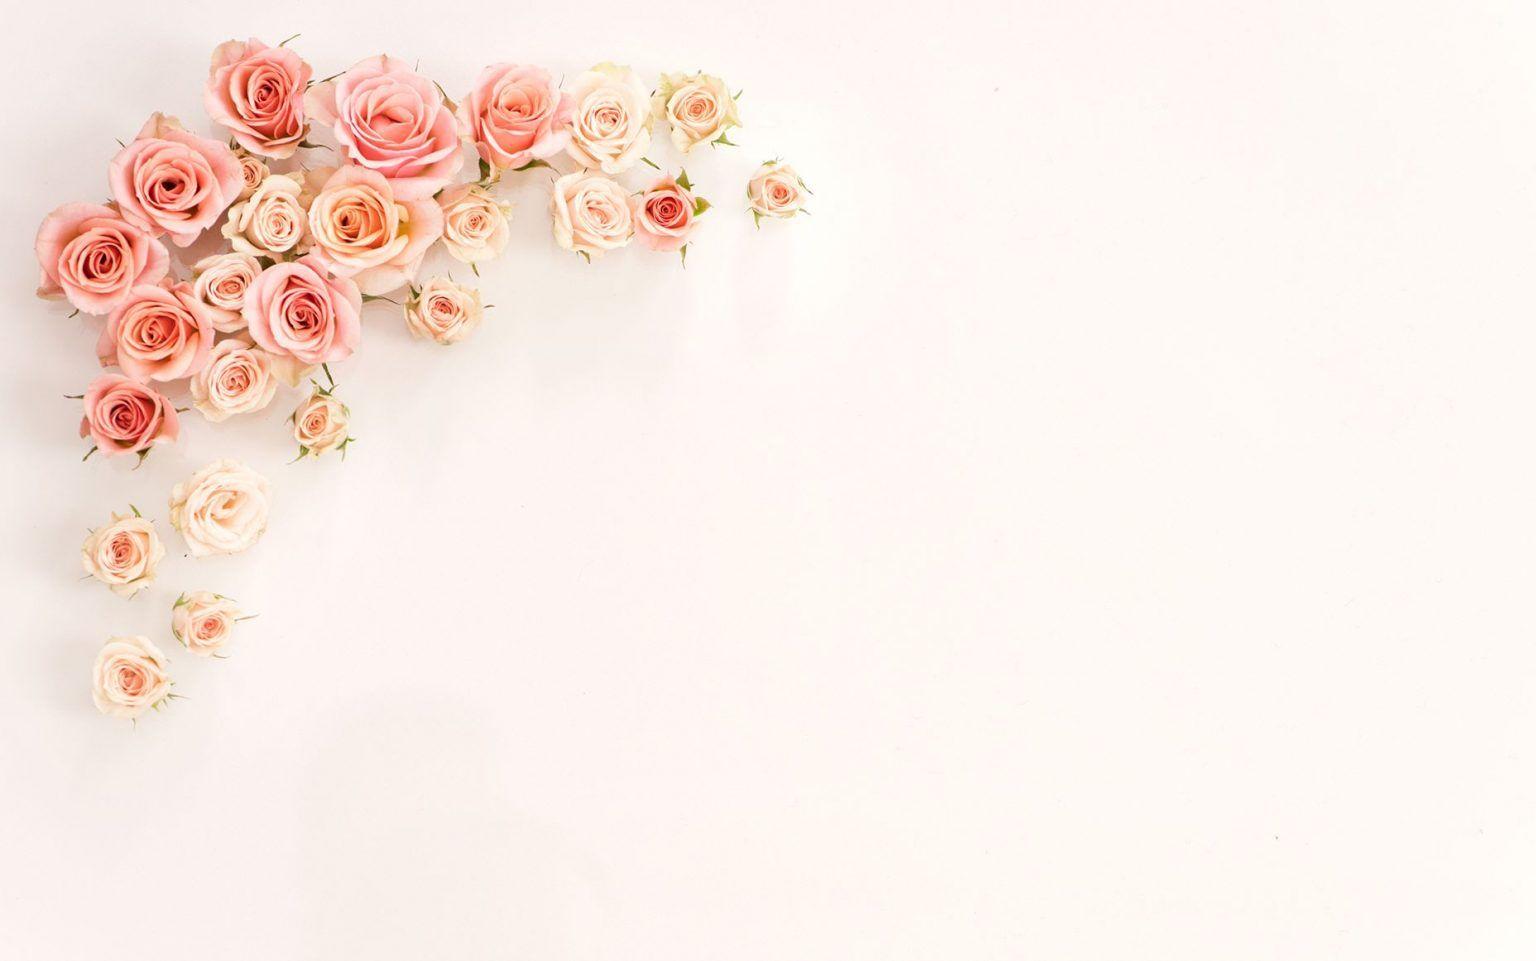 Rose Gold Wallpaper Rose Gold Wallpaper Flower Wedding Gift Romance Wallpaper For You The B Rose Gold Wallpaper Pink Wallpaper Desktop Laptop Wallpaper